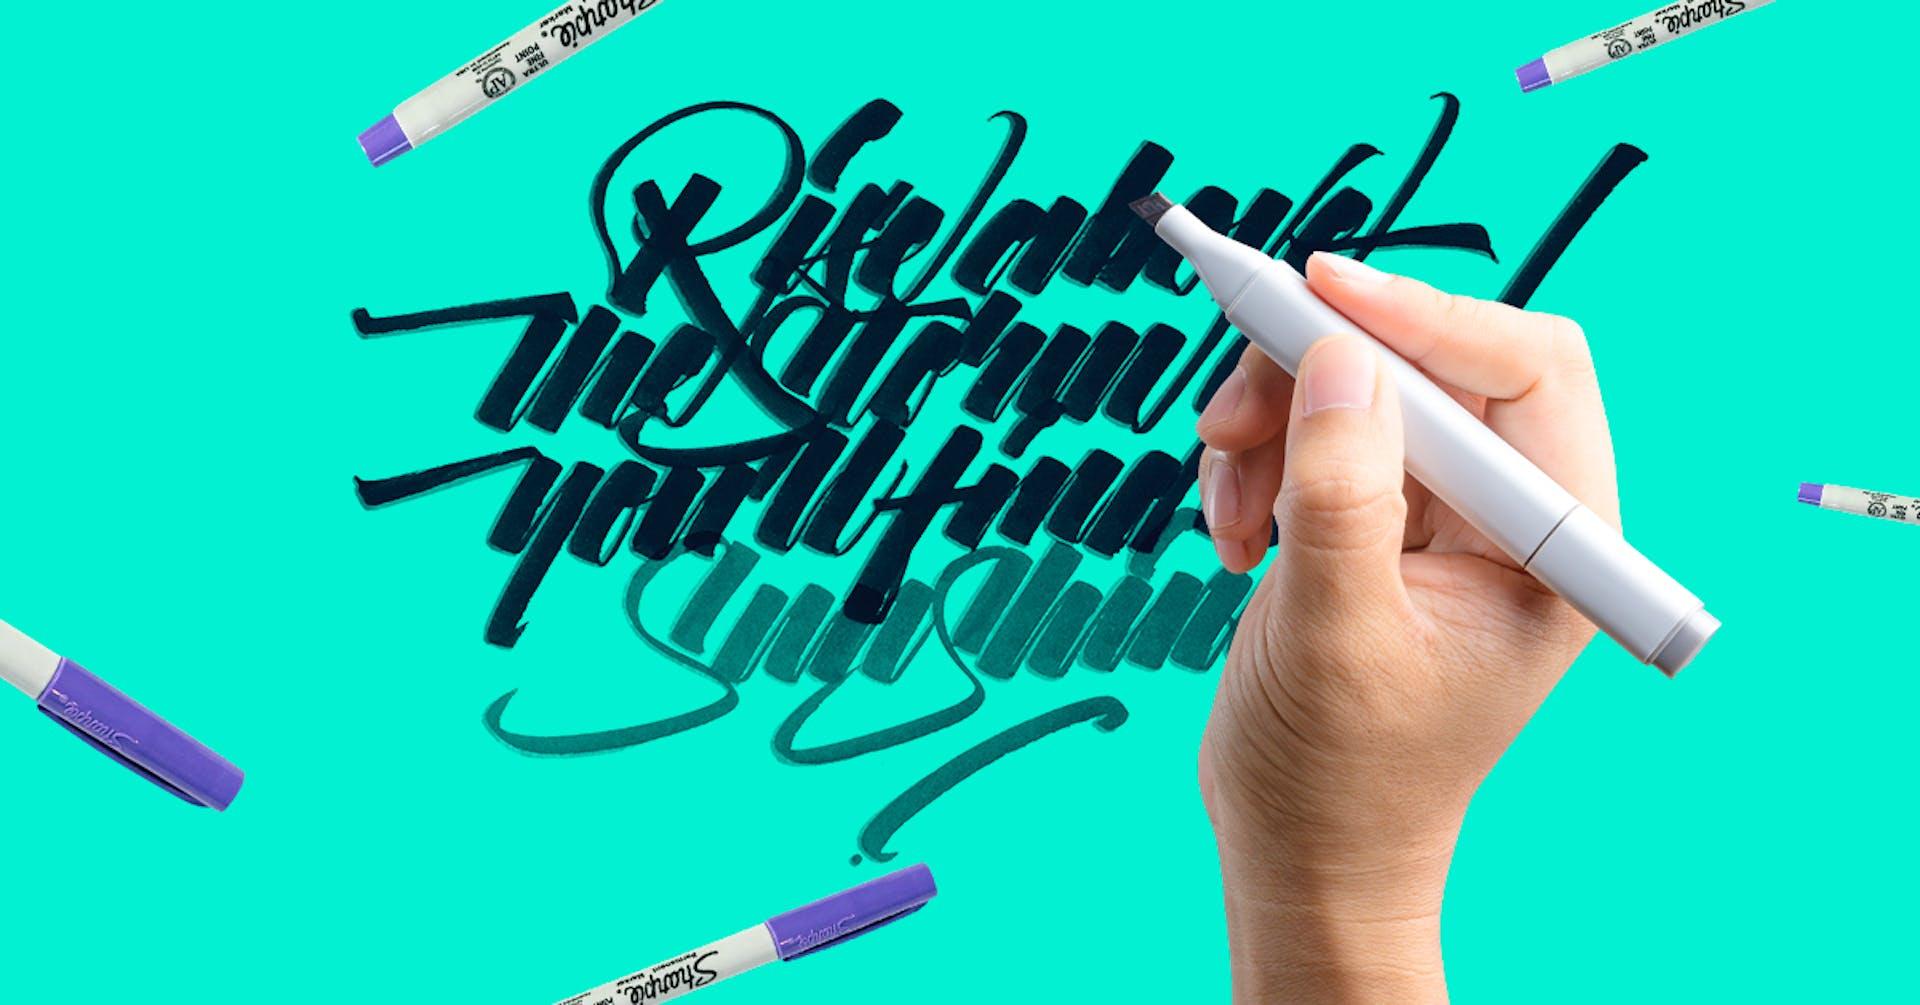 Todo sobre Copic Marker: el rotulador favorito de los artistas gráficos